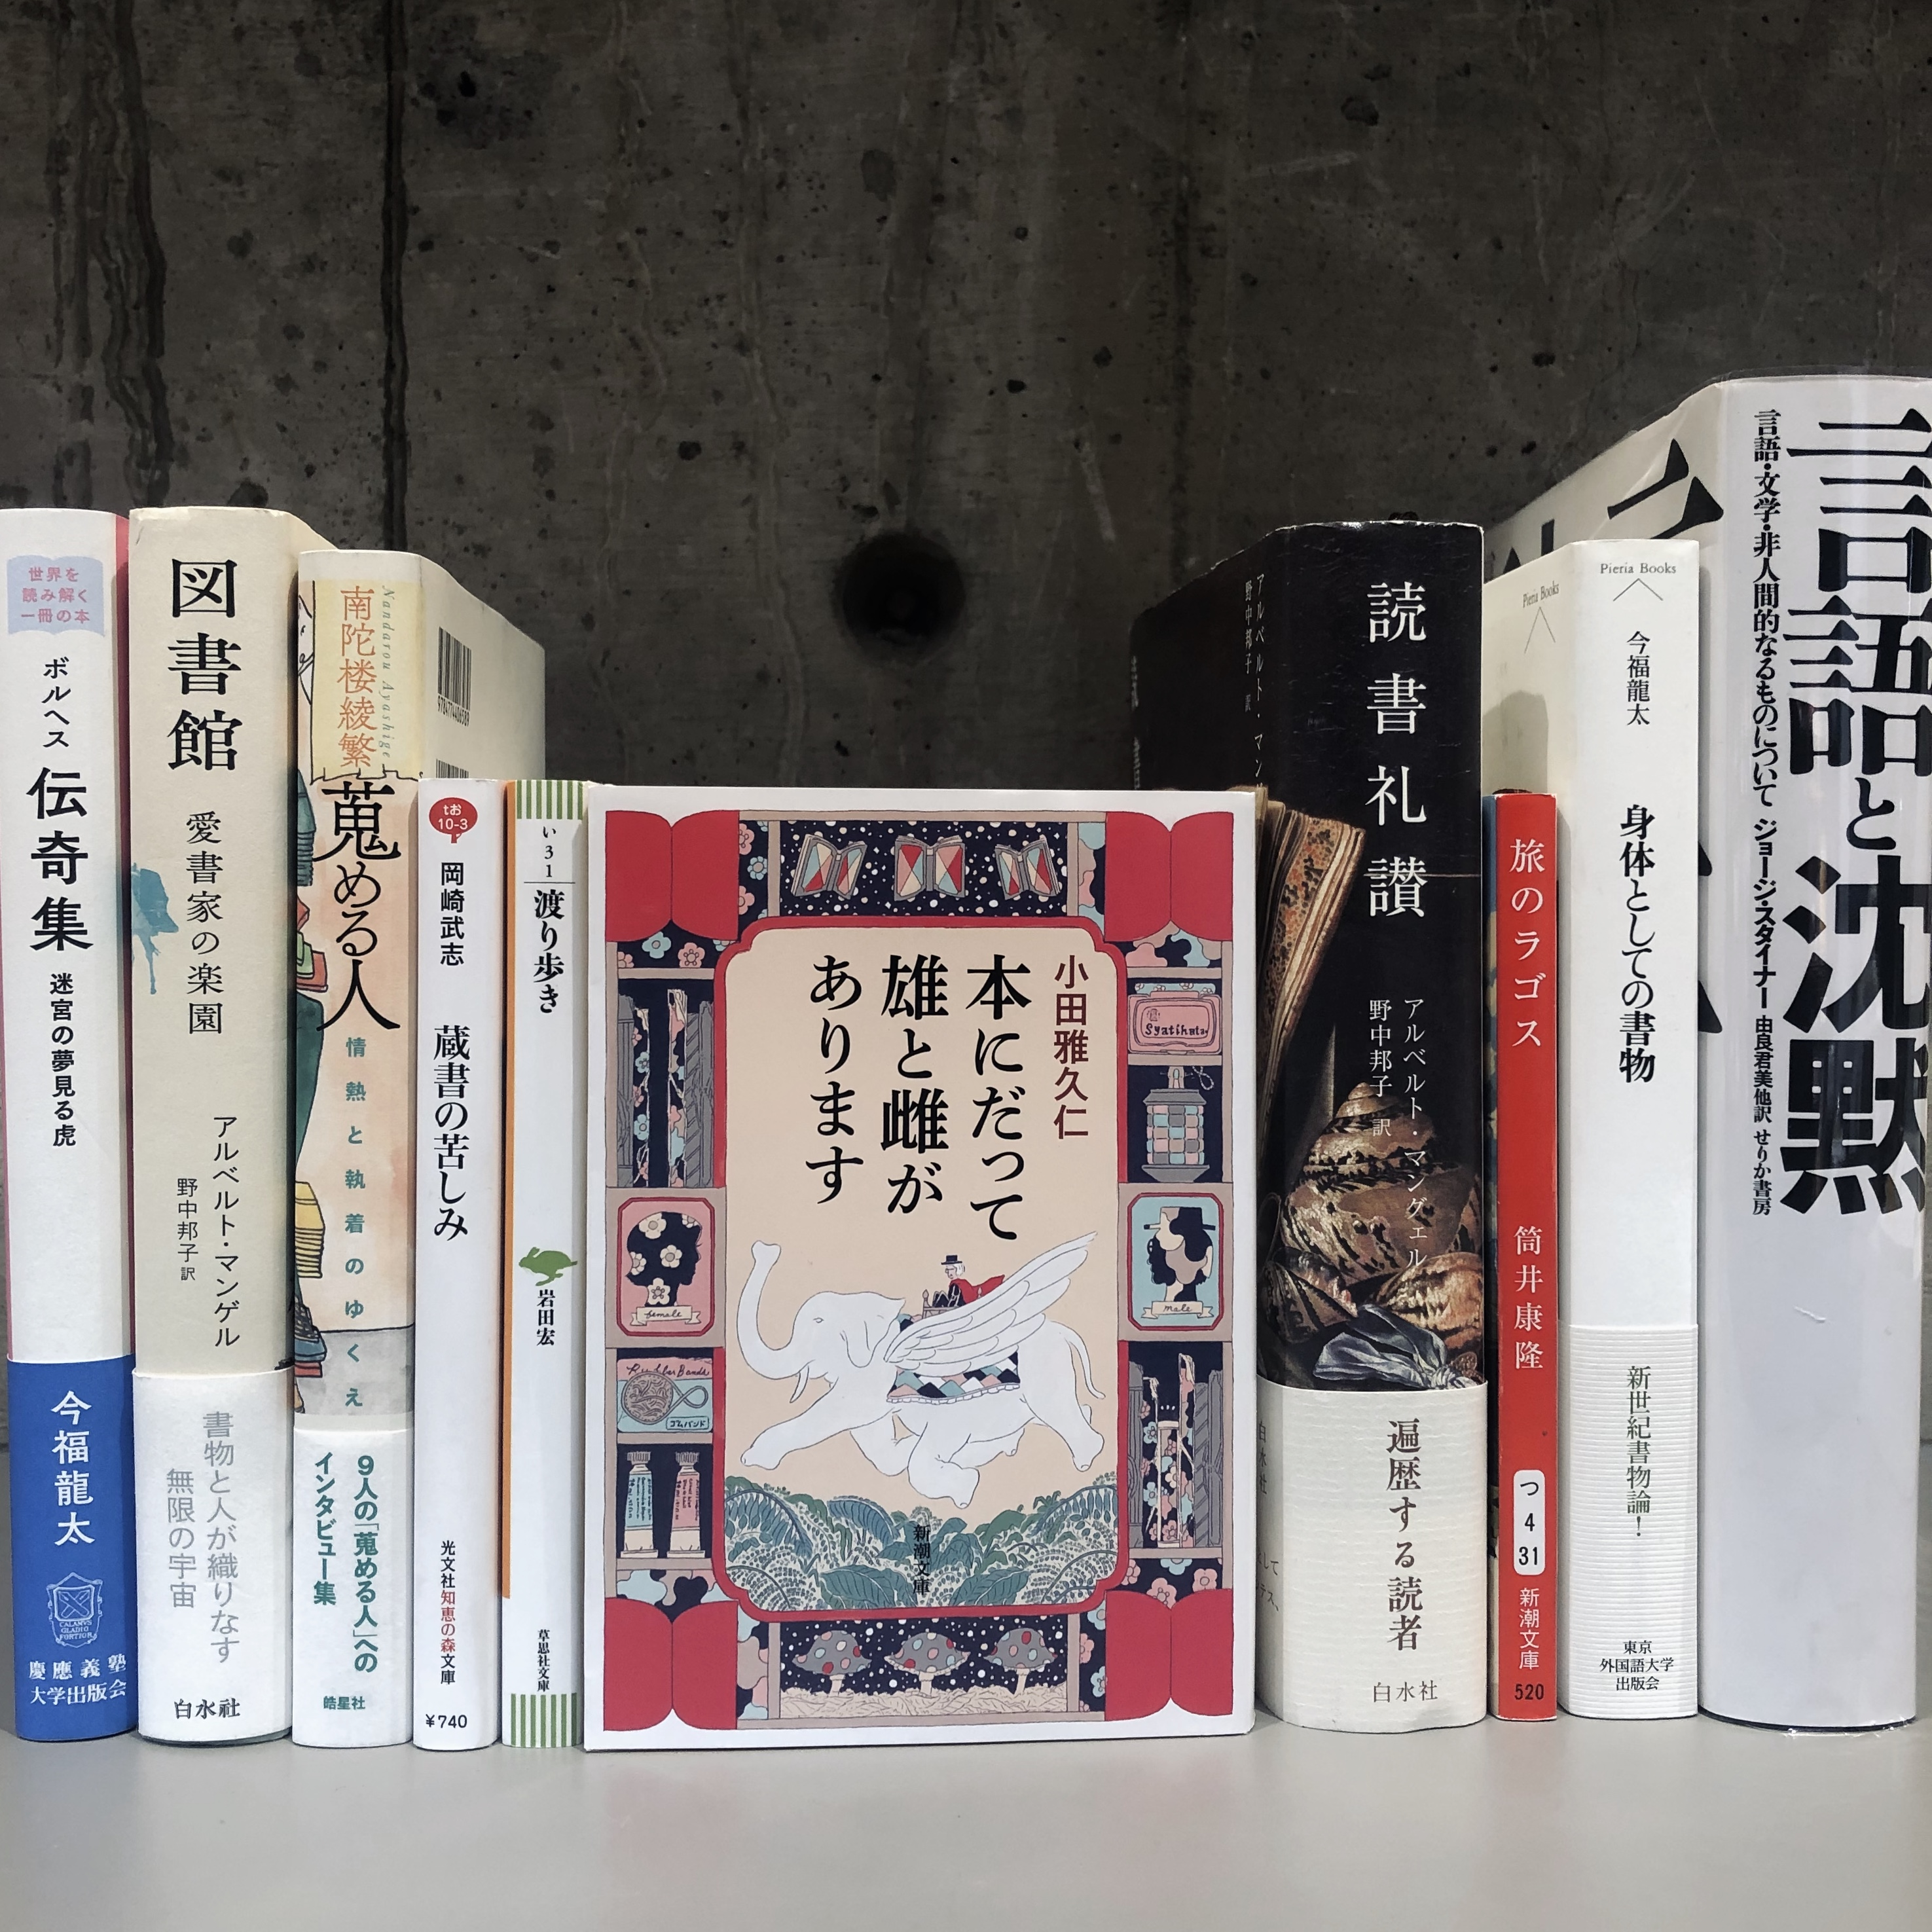 小田雅久仁『本にだって雄と雌があります』(新潮文庫)